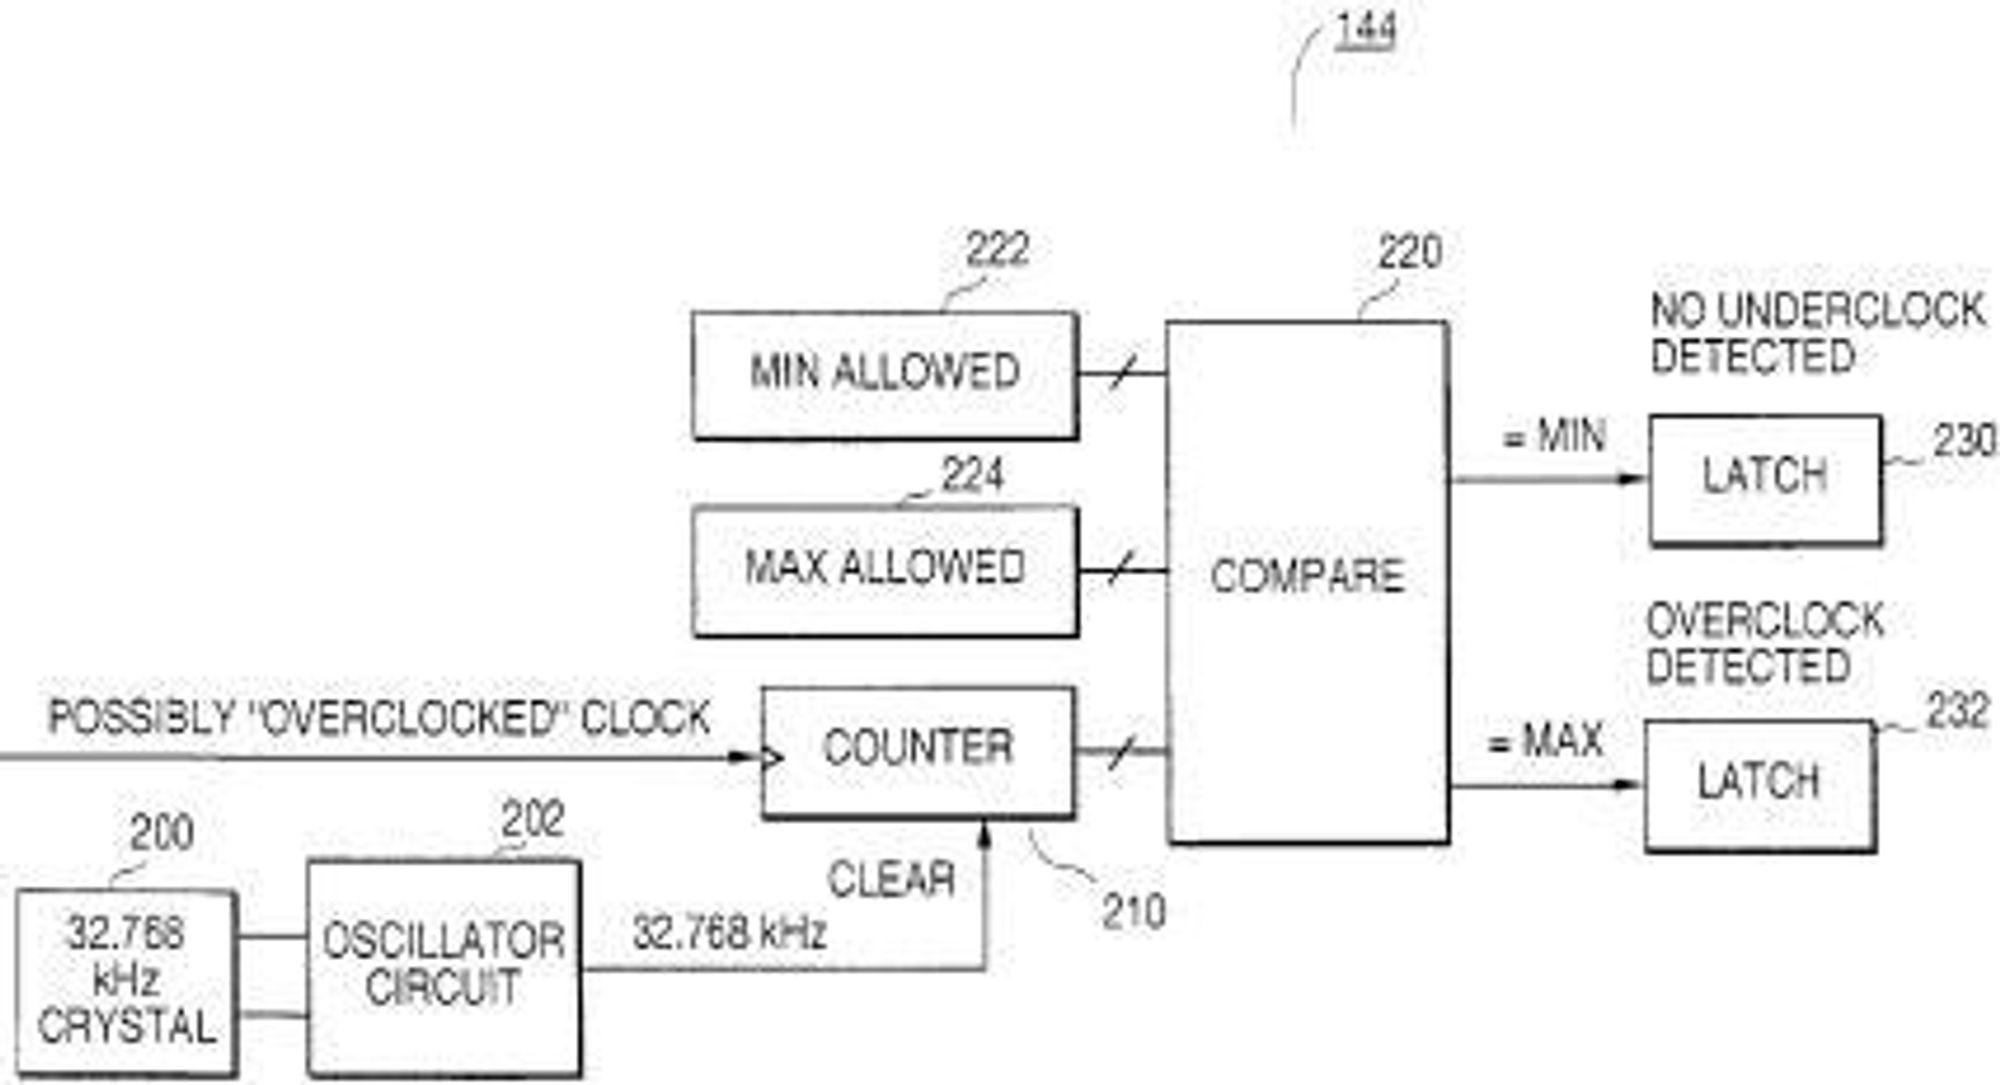 Intels anti-overklokkingsløsning  - detektoren